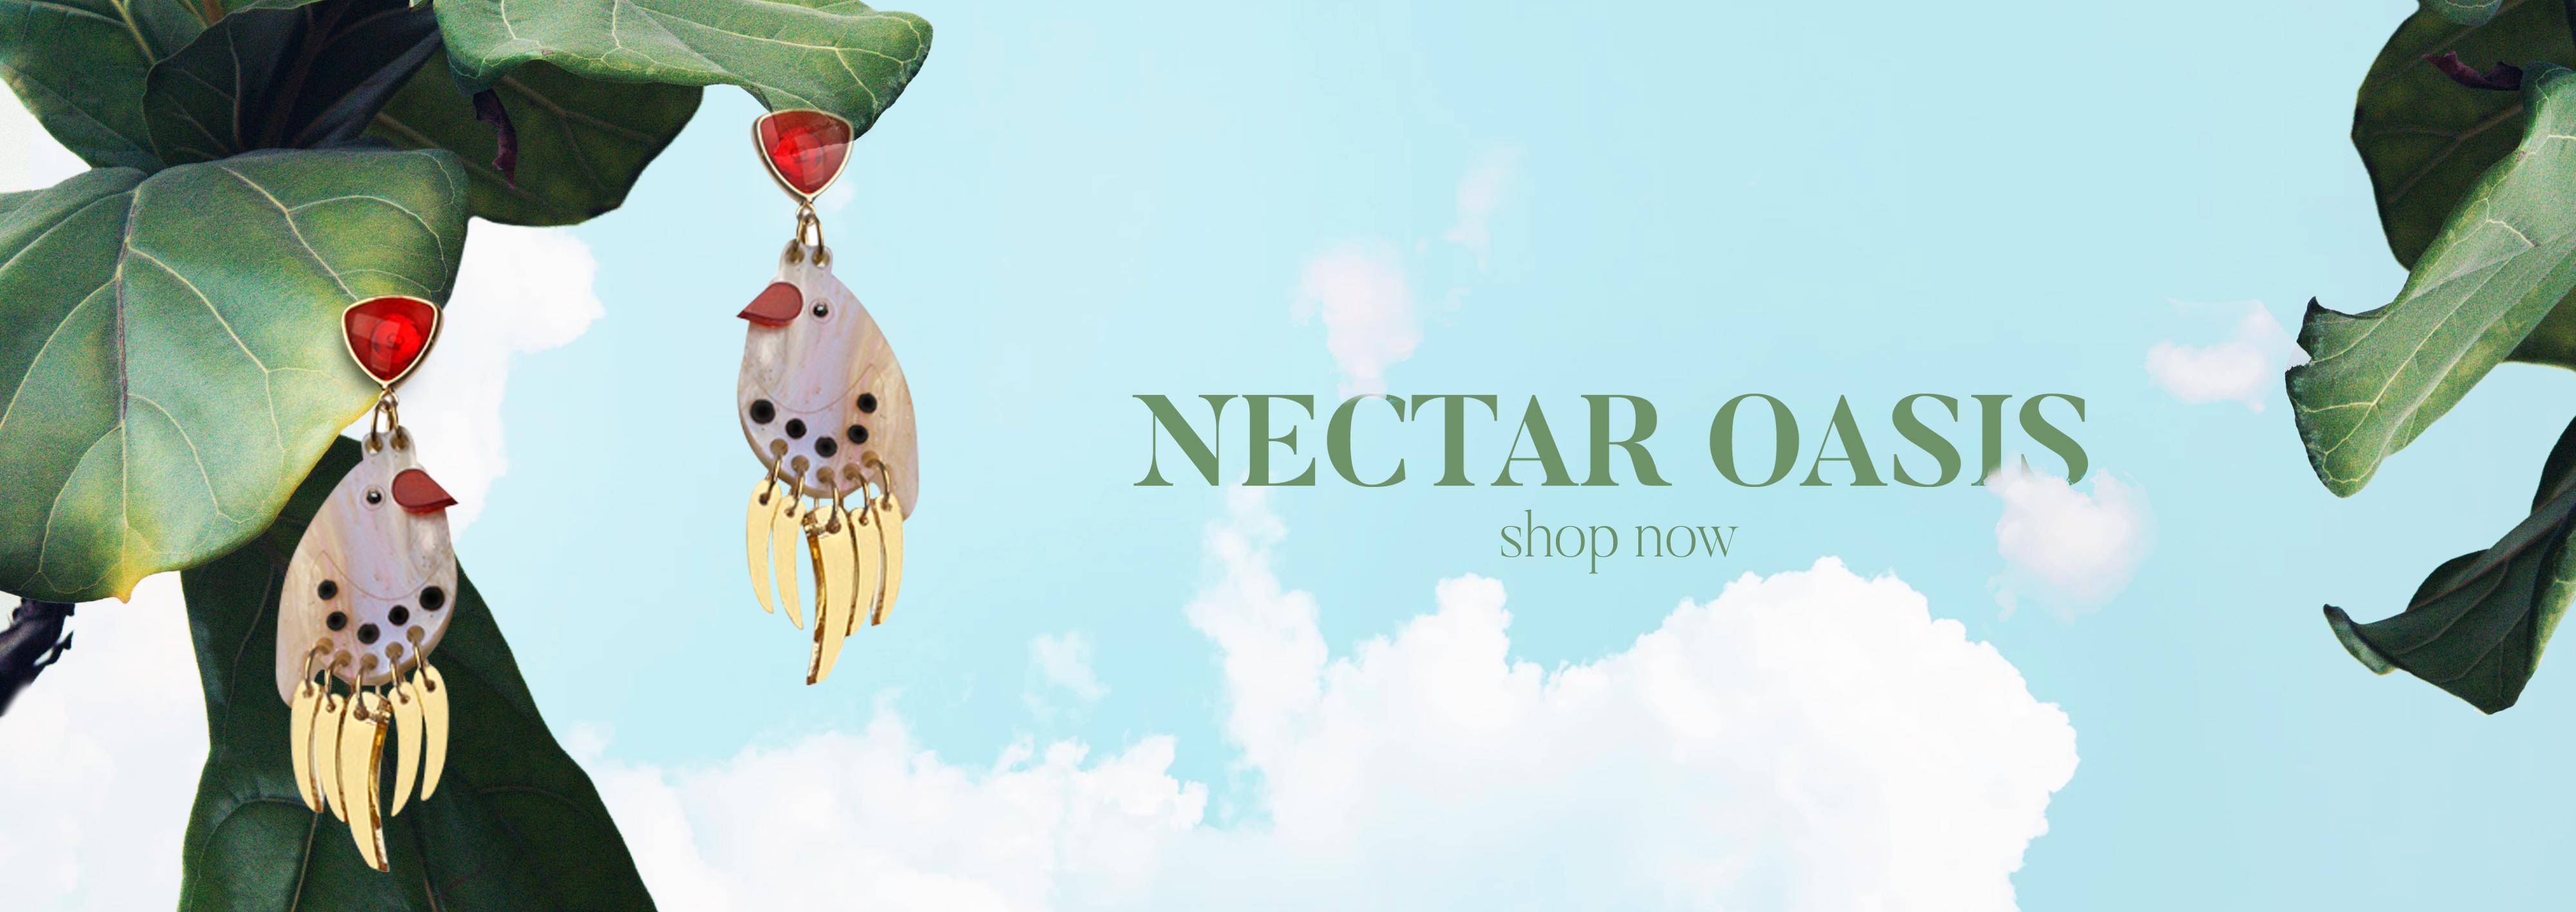 https://patricianicolas.com/en/categoria-producto/colecciones/nectar-oasis/